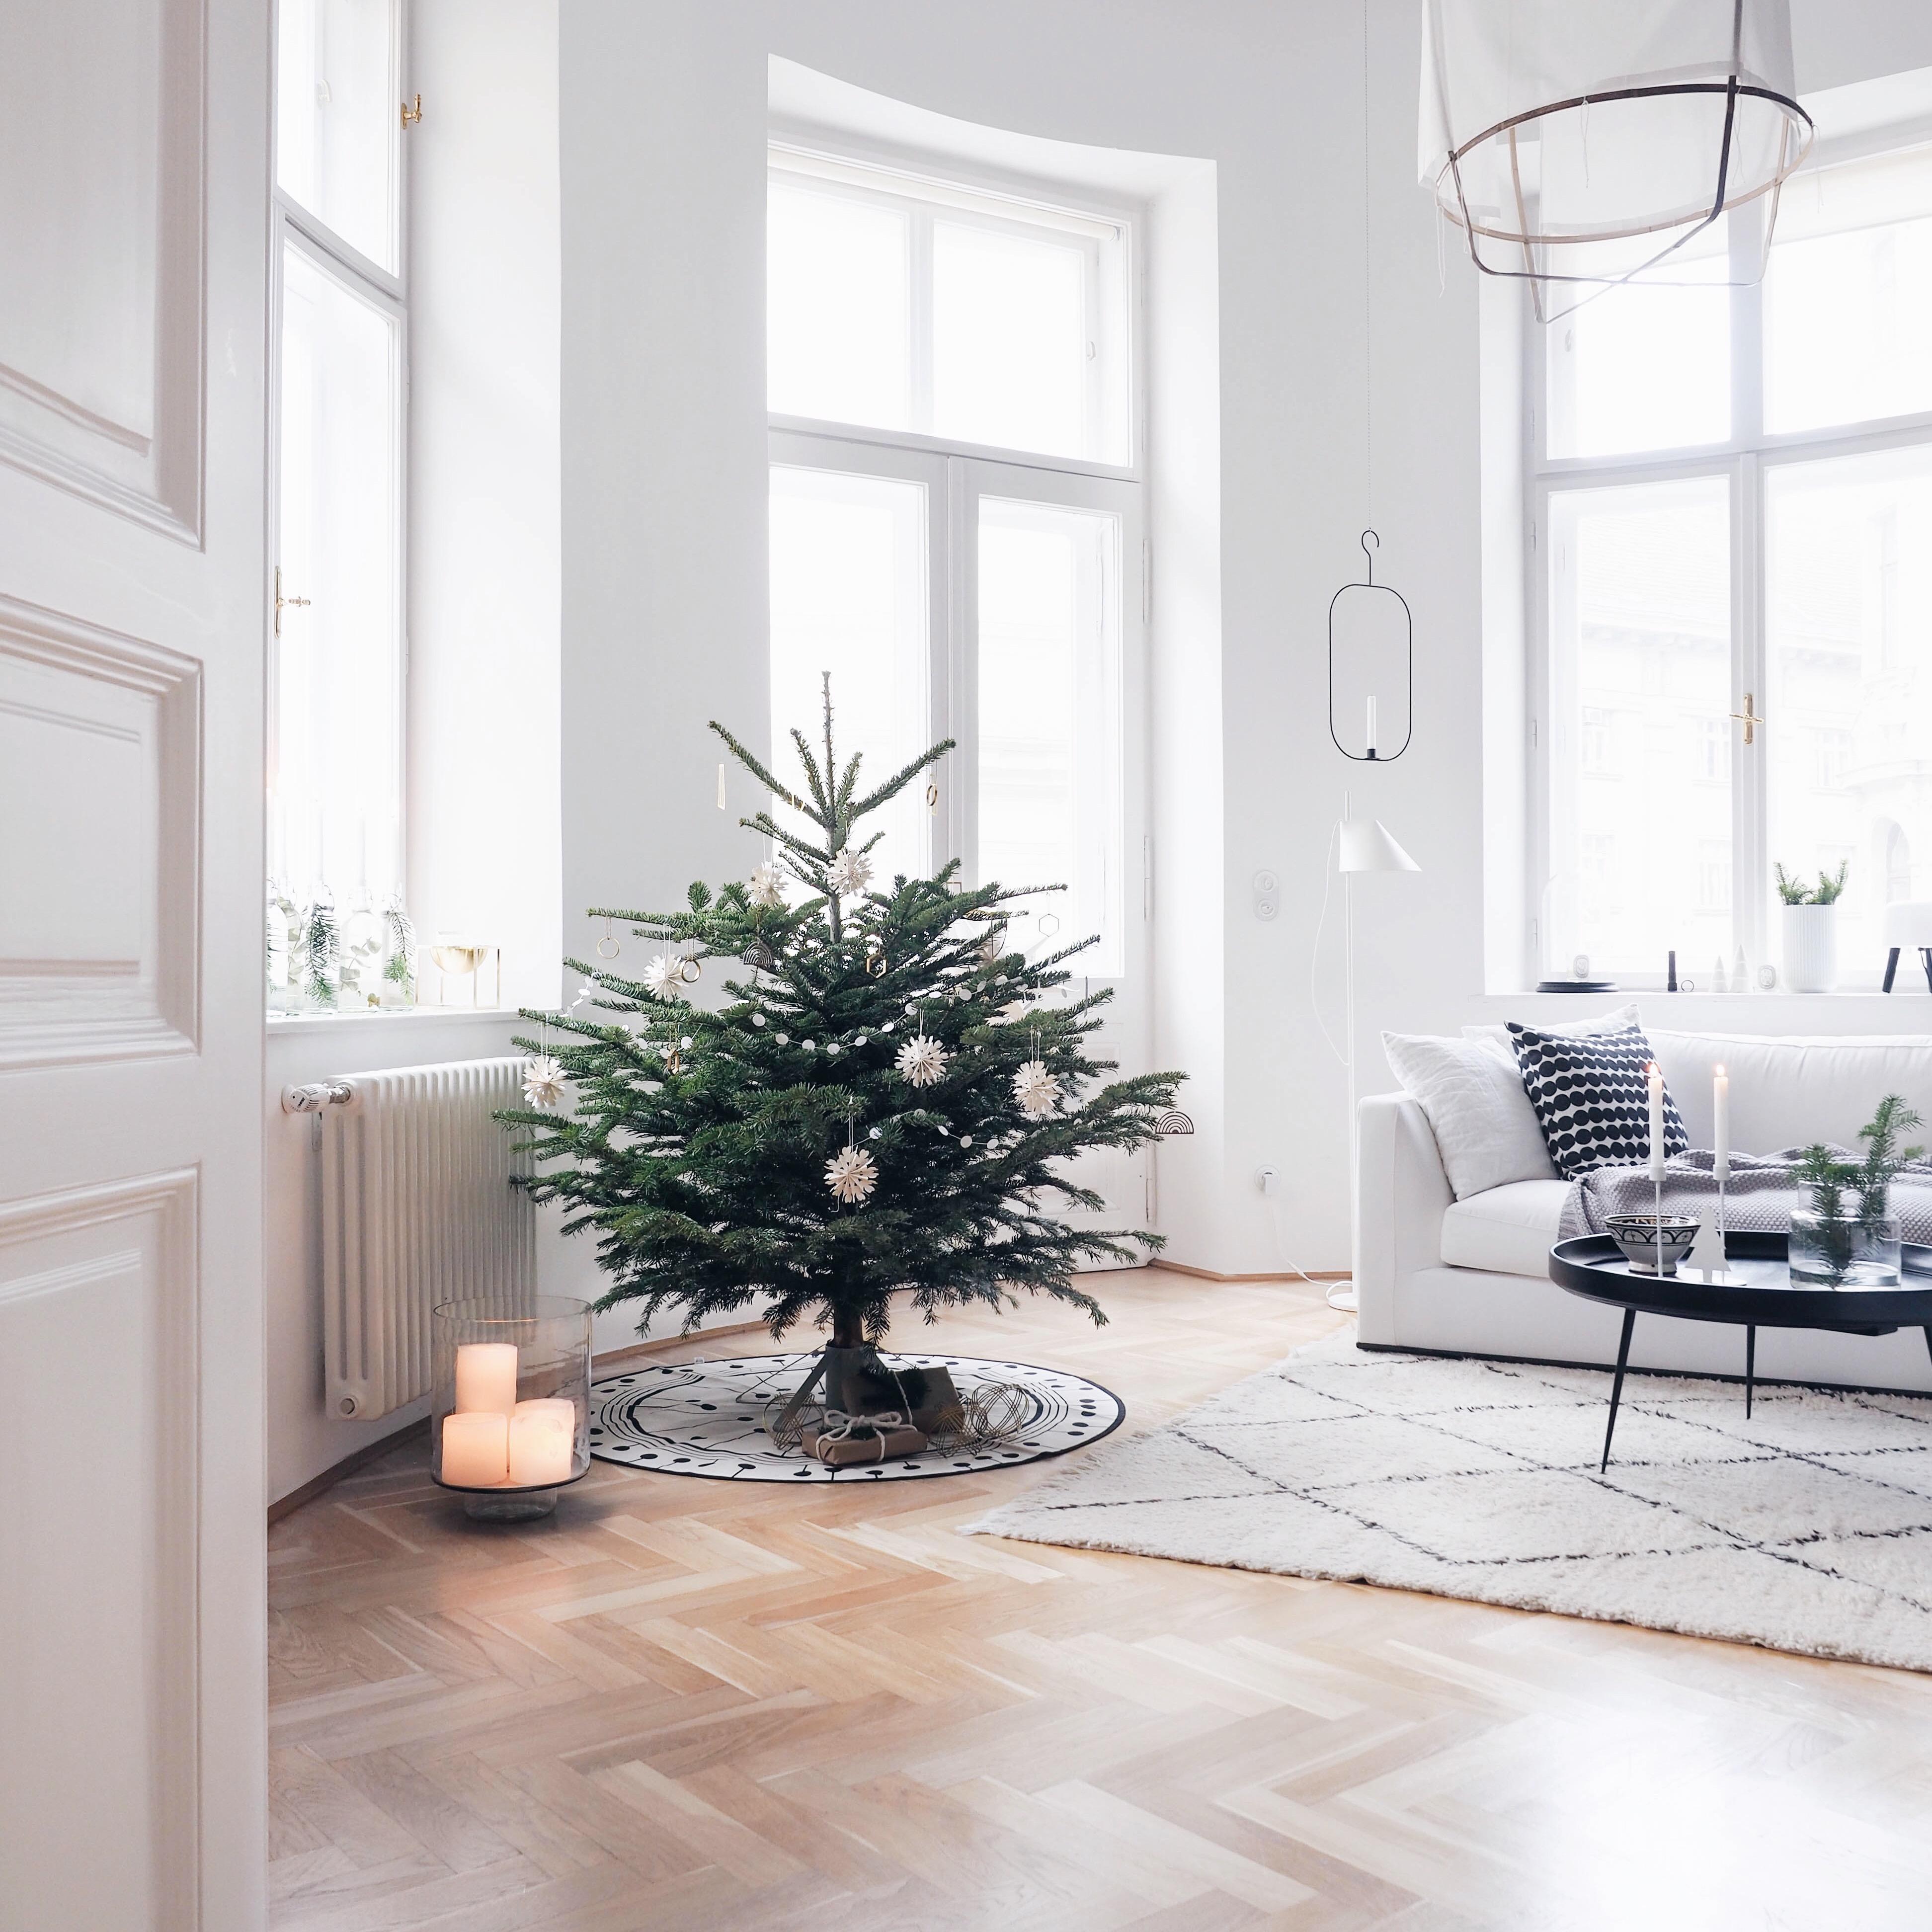 Skandinavischer Weihnachtsbaum Altbauwohnung